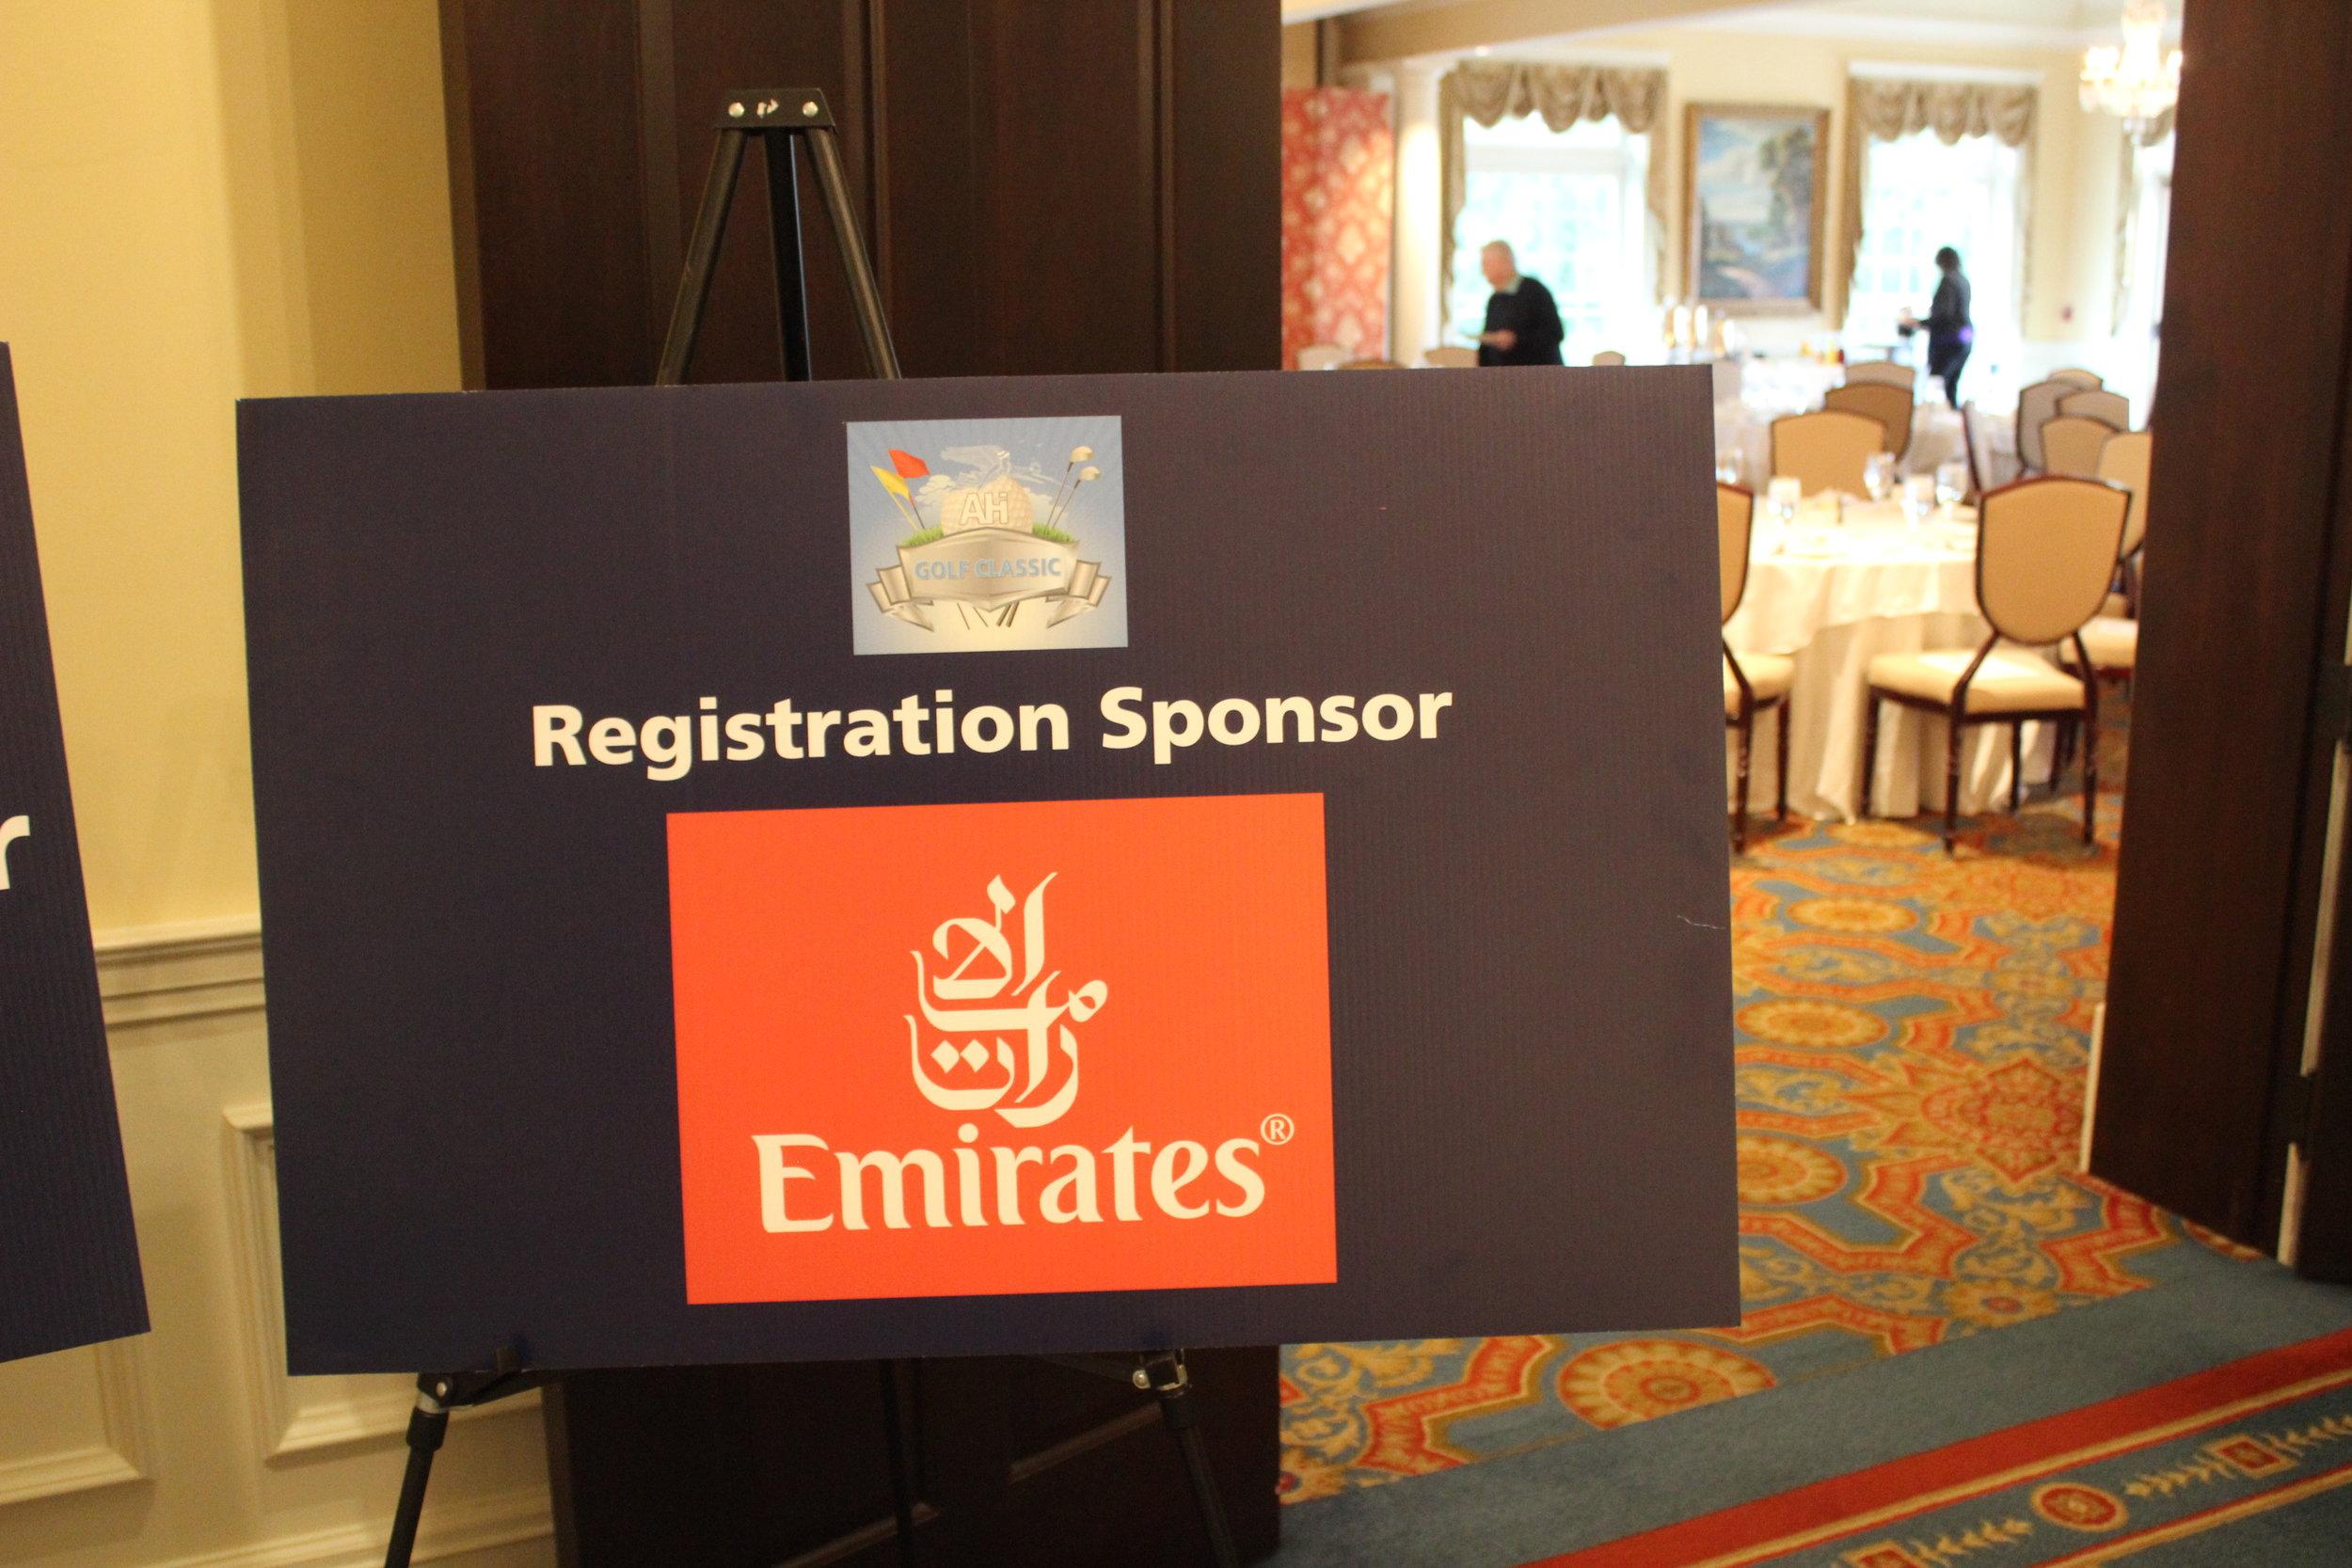 Emirates Airlines, Registration Sponsor.